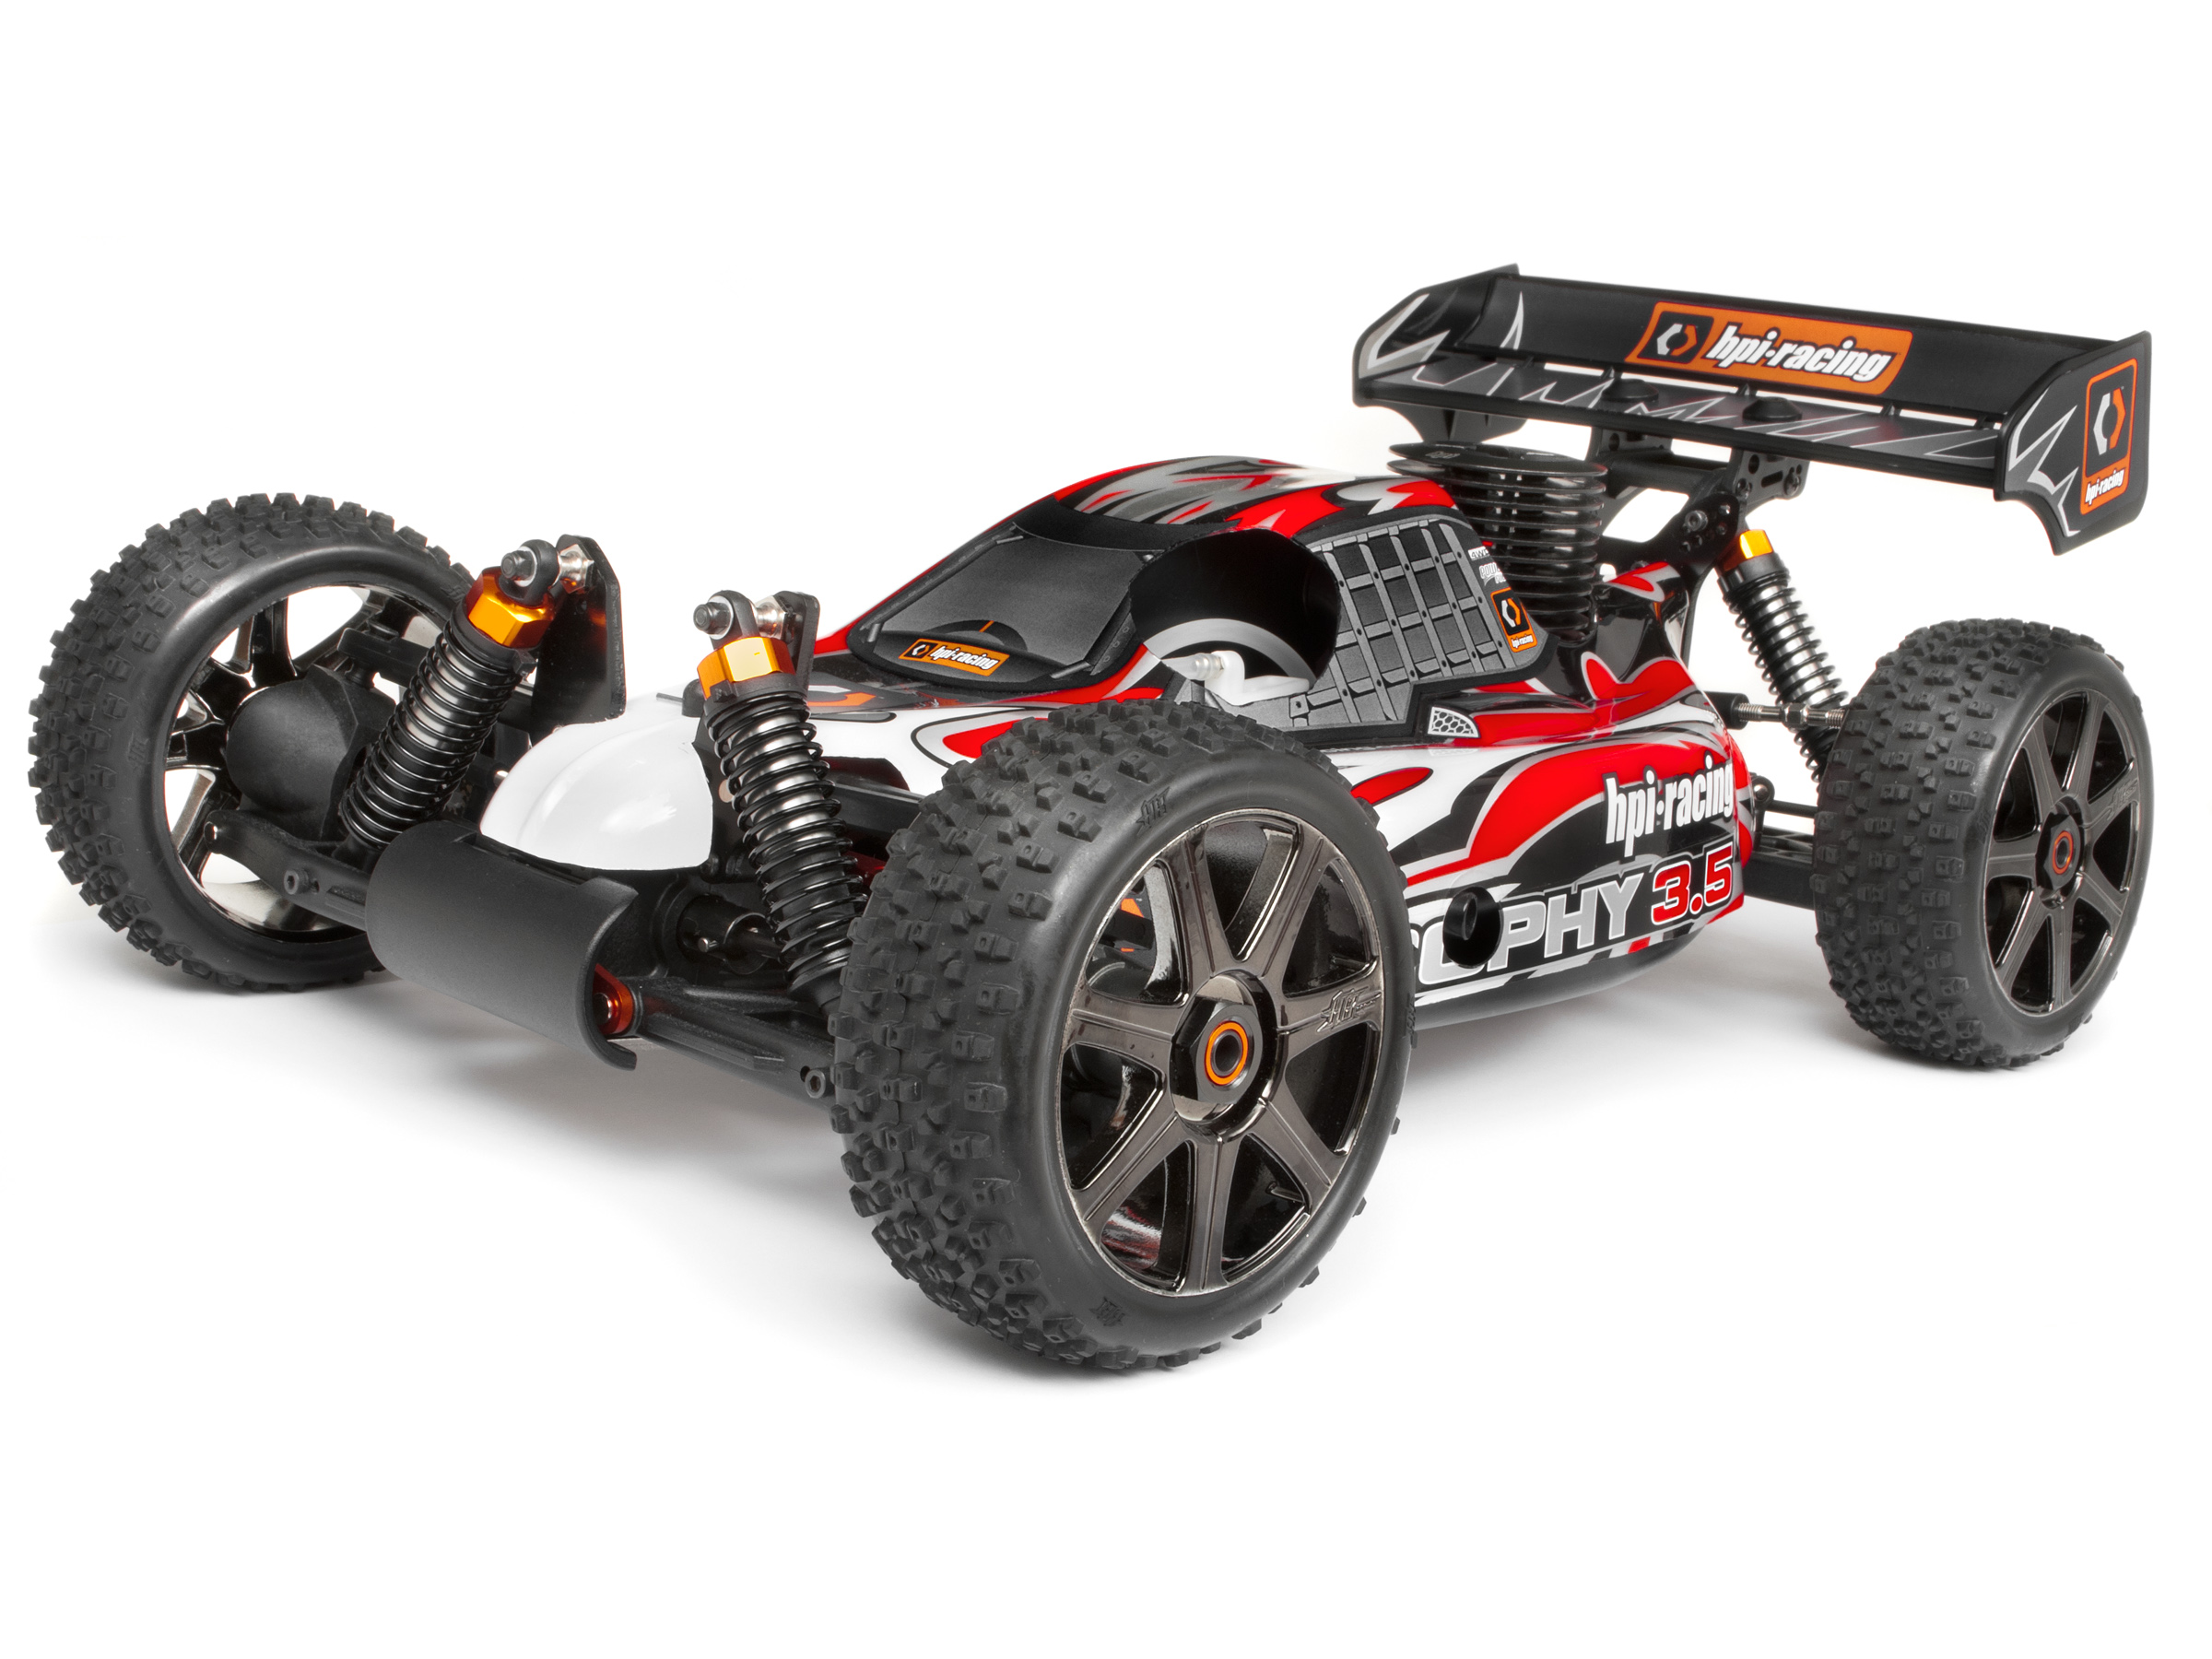 Hpi Trophy Buggy 3.5